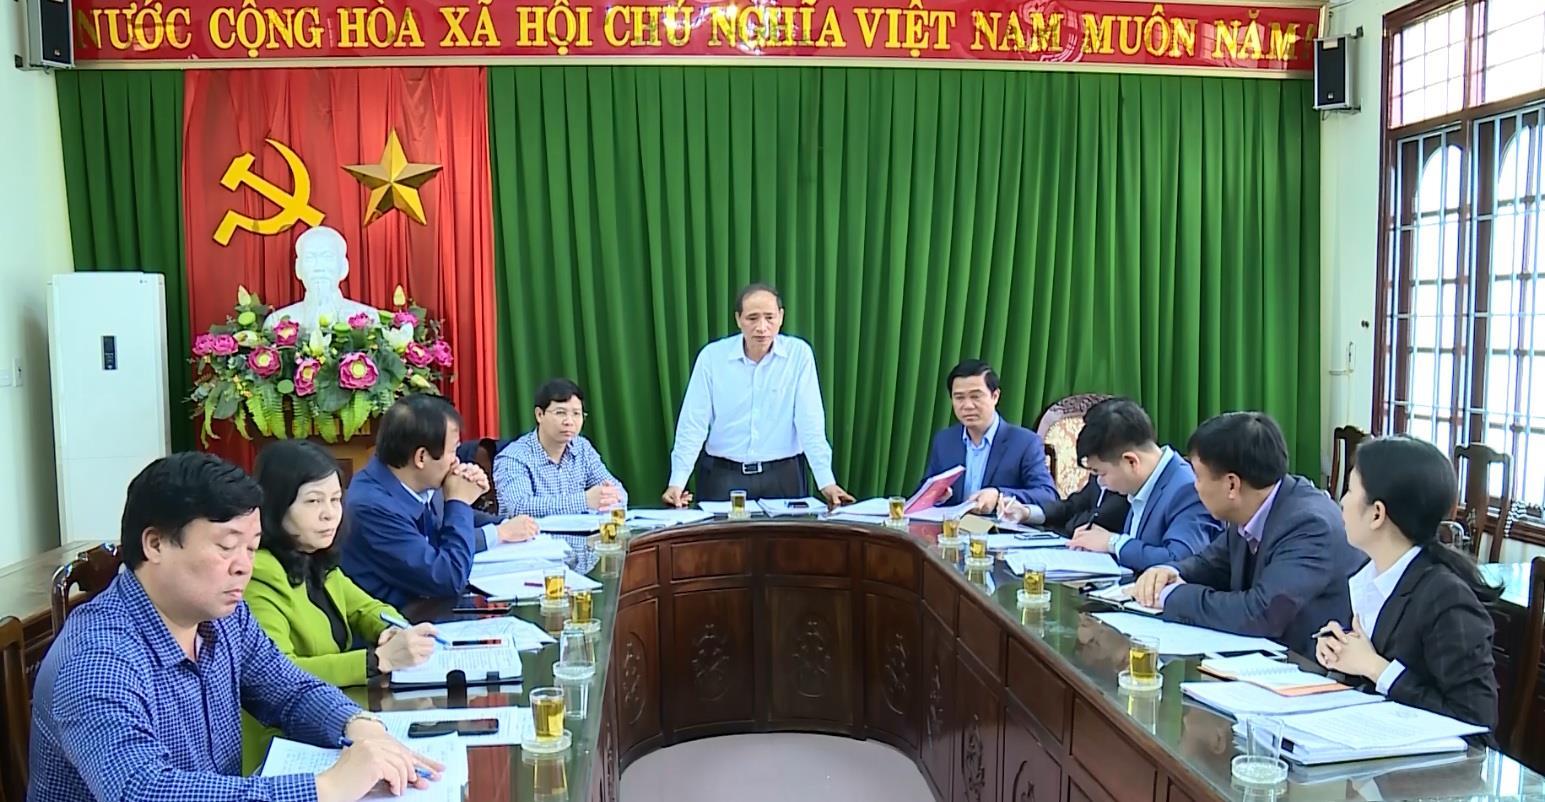 Phó Chủ tịch UBND tỉnh Nguyễn Hữu Thành làm việc tại huyện Tiên Du